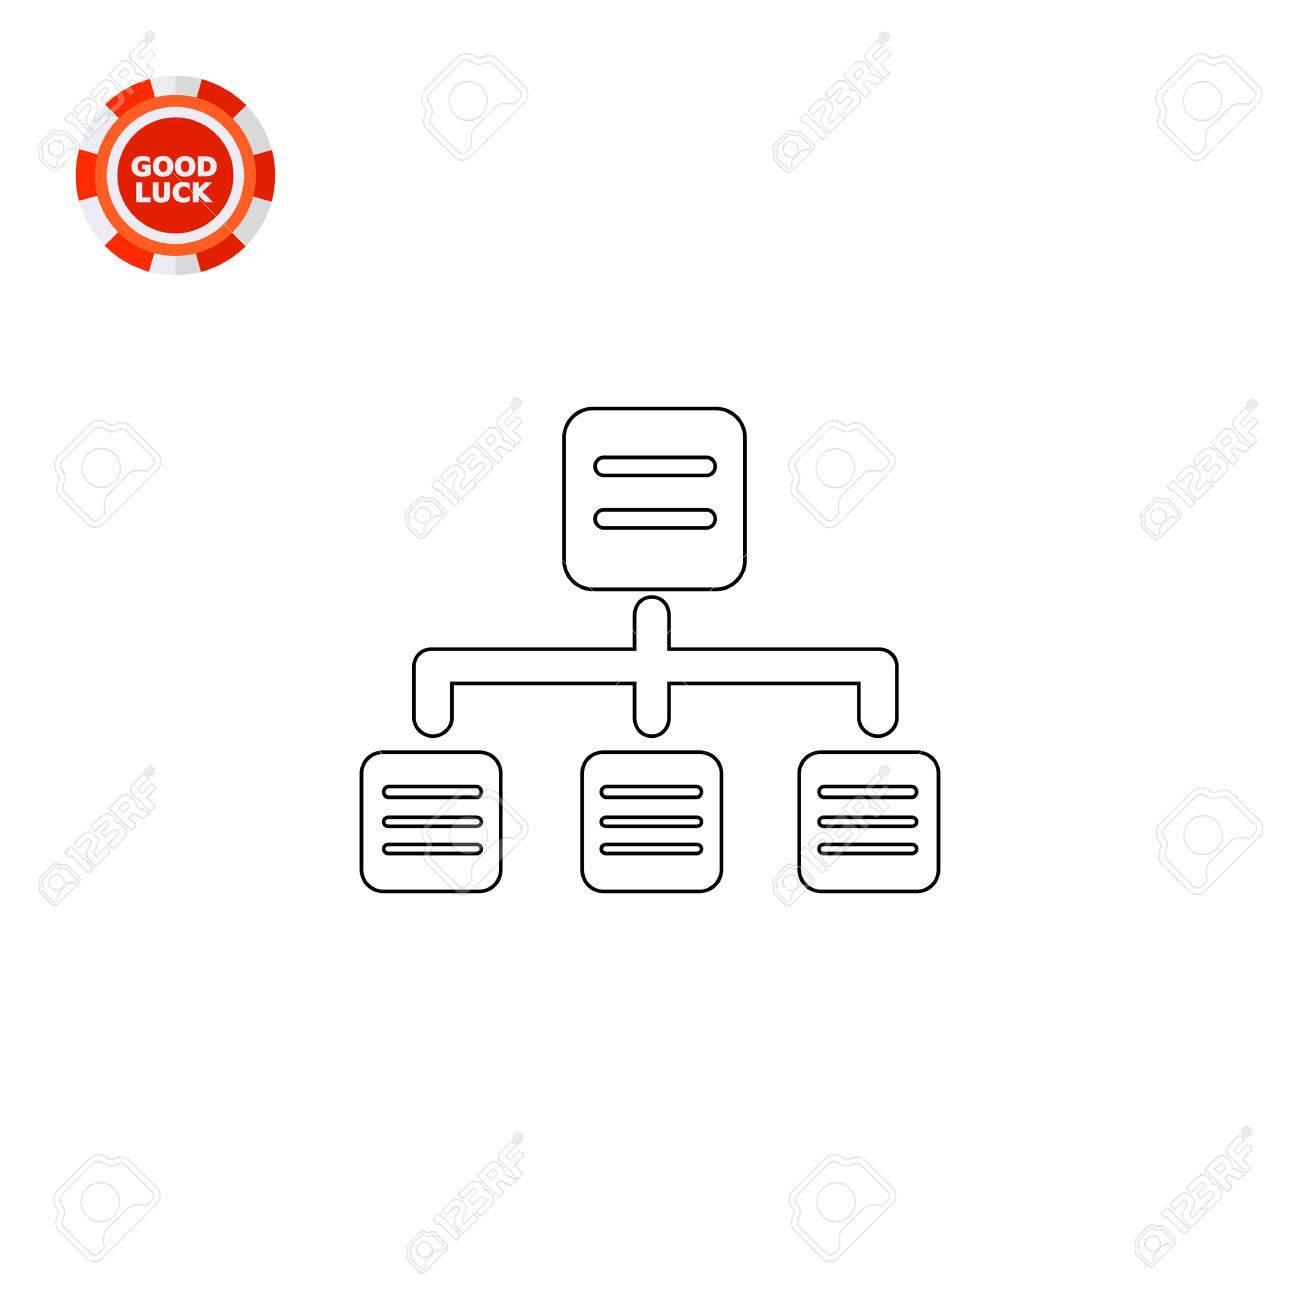 Estructura Jerárquica De Archivos Interfaz El Almacenamiento La Carpeta Concepto Del árbol De Directorios Puede Ser Utilizado Para Temas Como